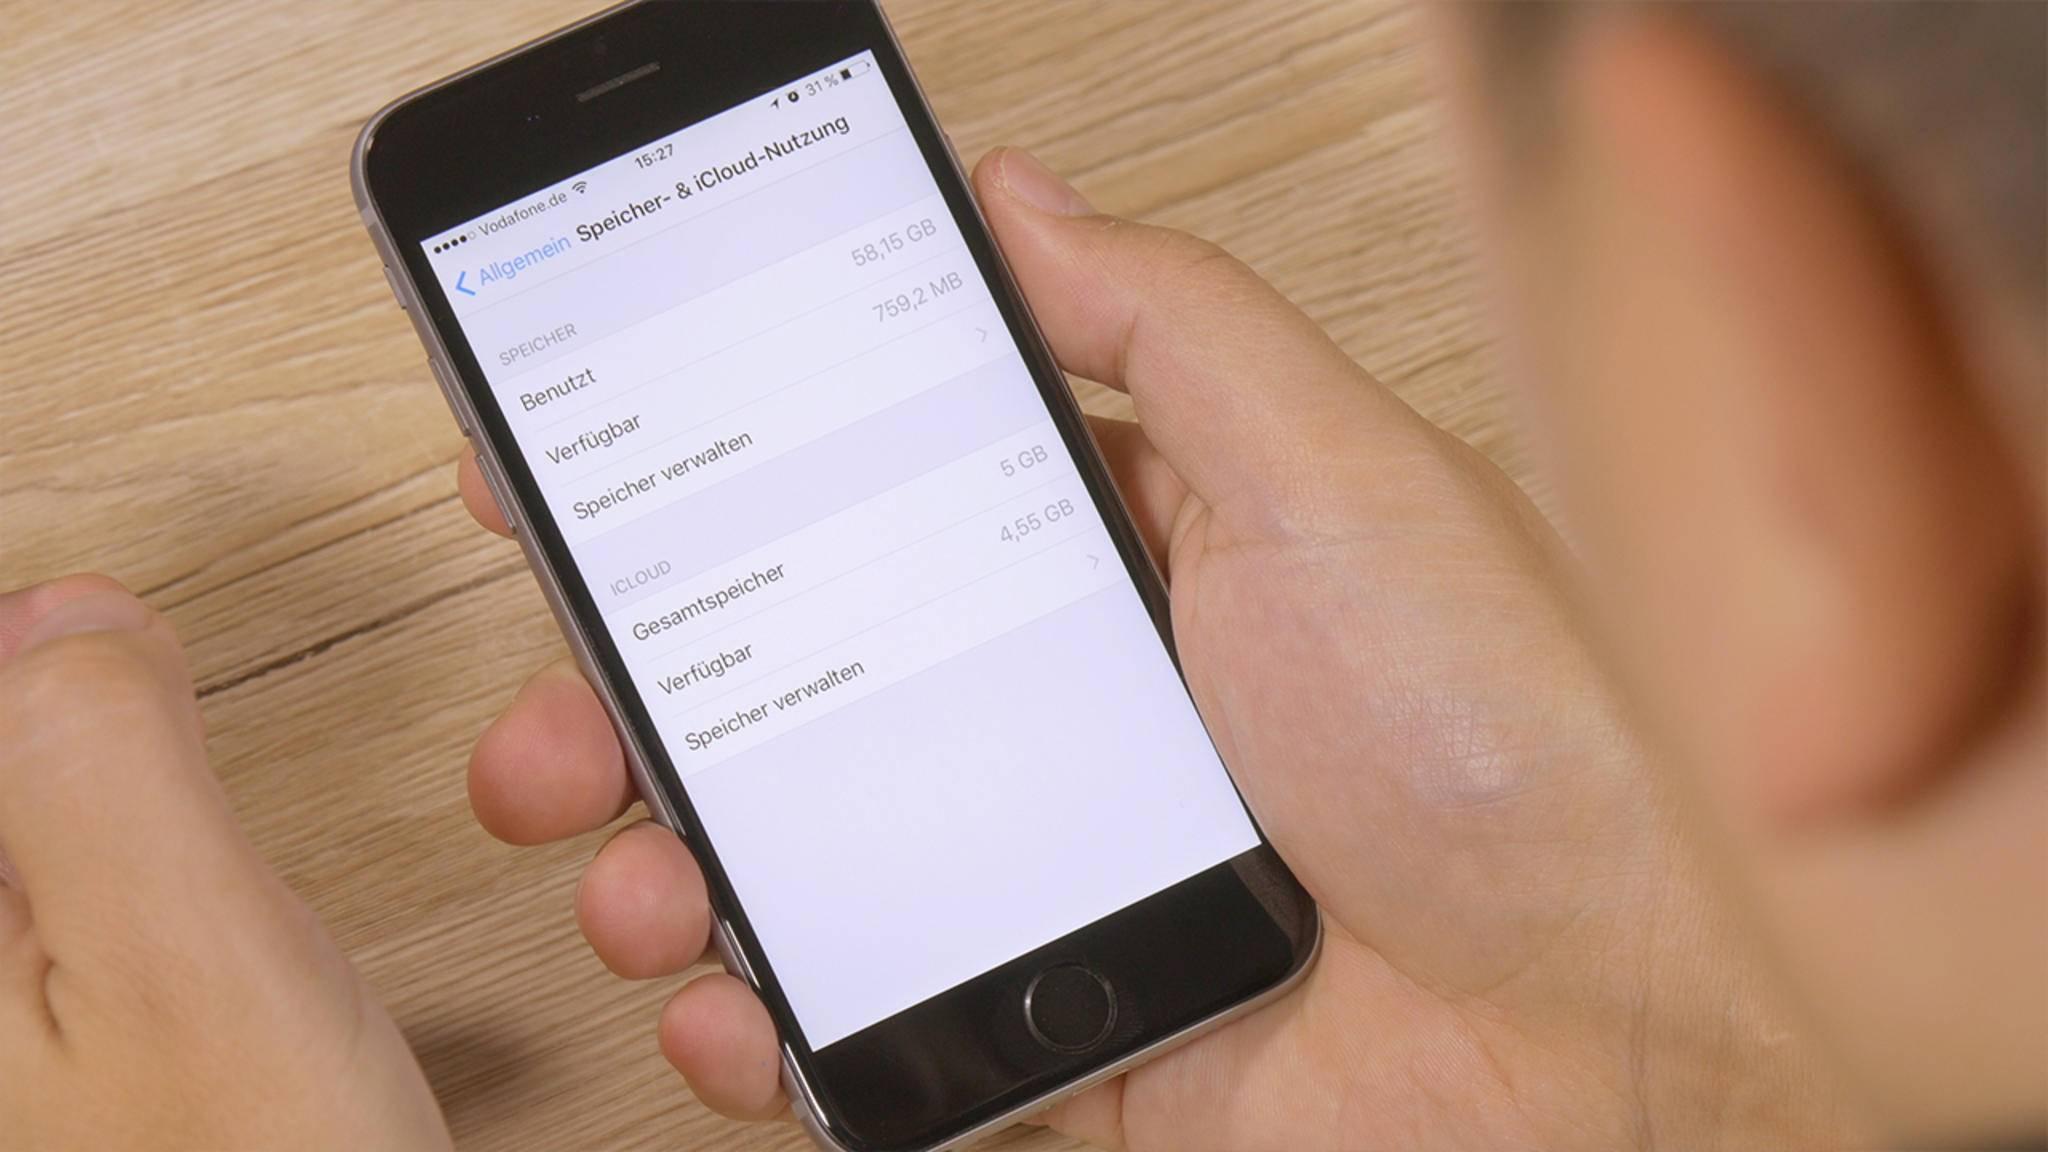 Knapper Speicher auf dem iPhone? Dann schnell ein paar Dokumente und Daten löschen!